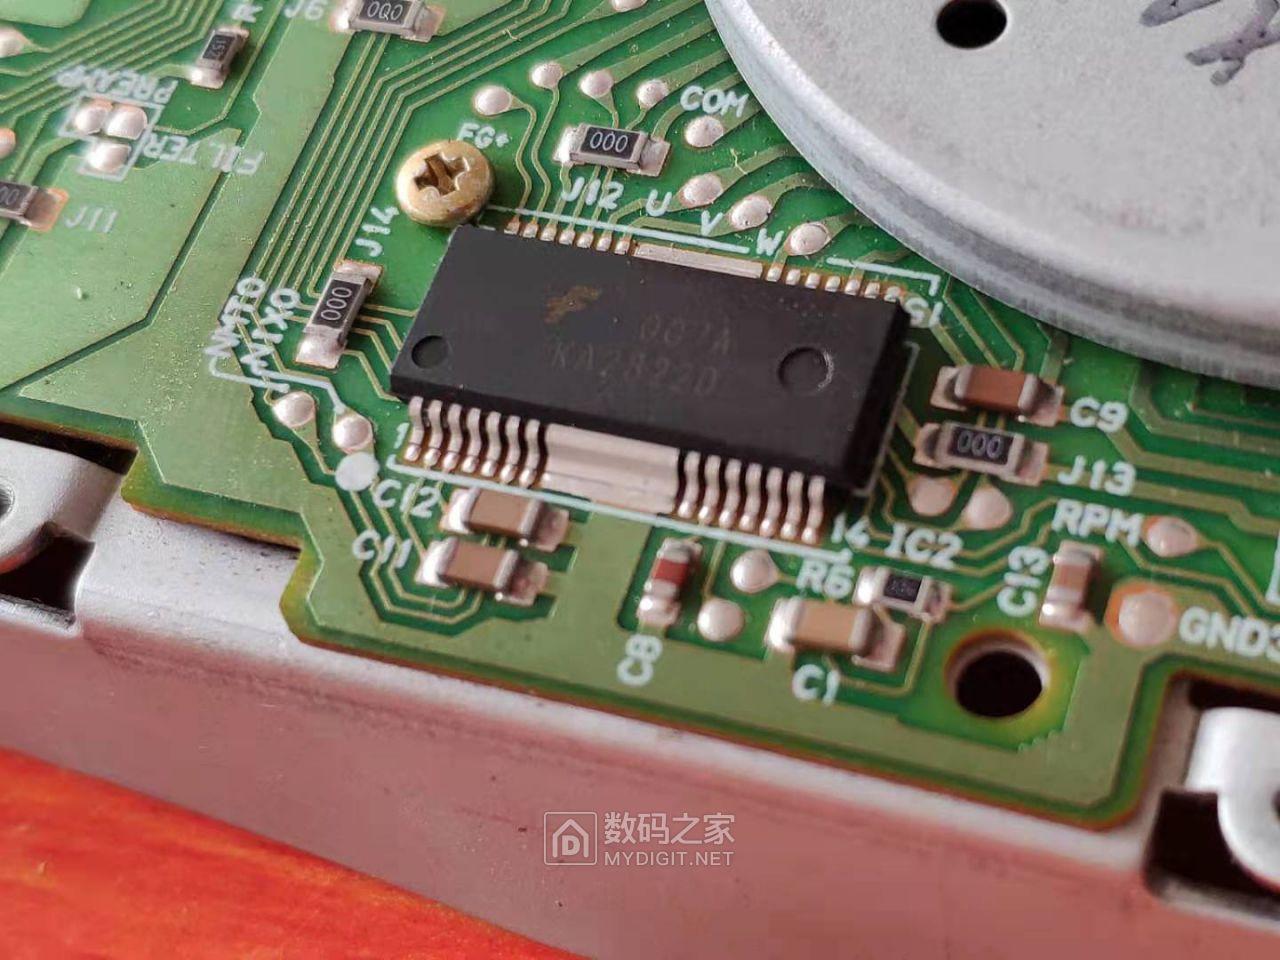 微信图片_202002032001491.jpg